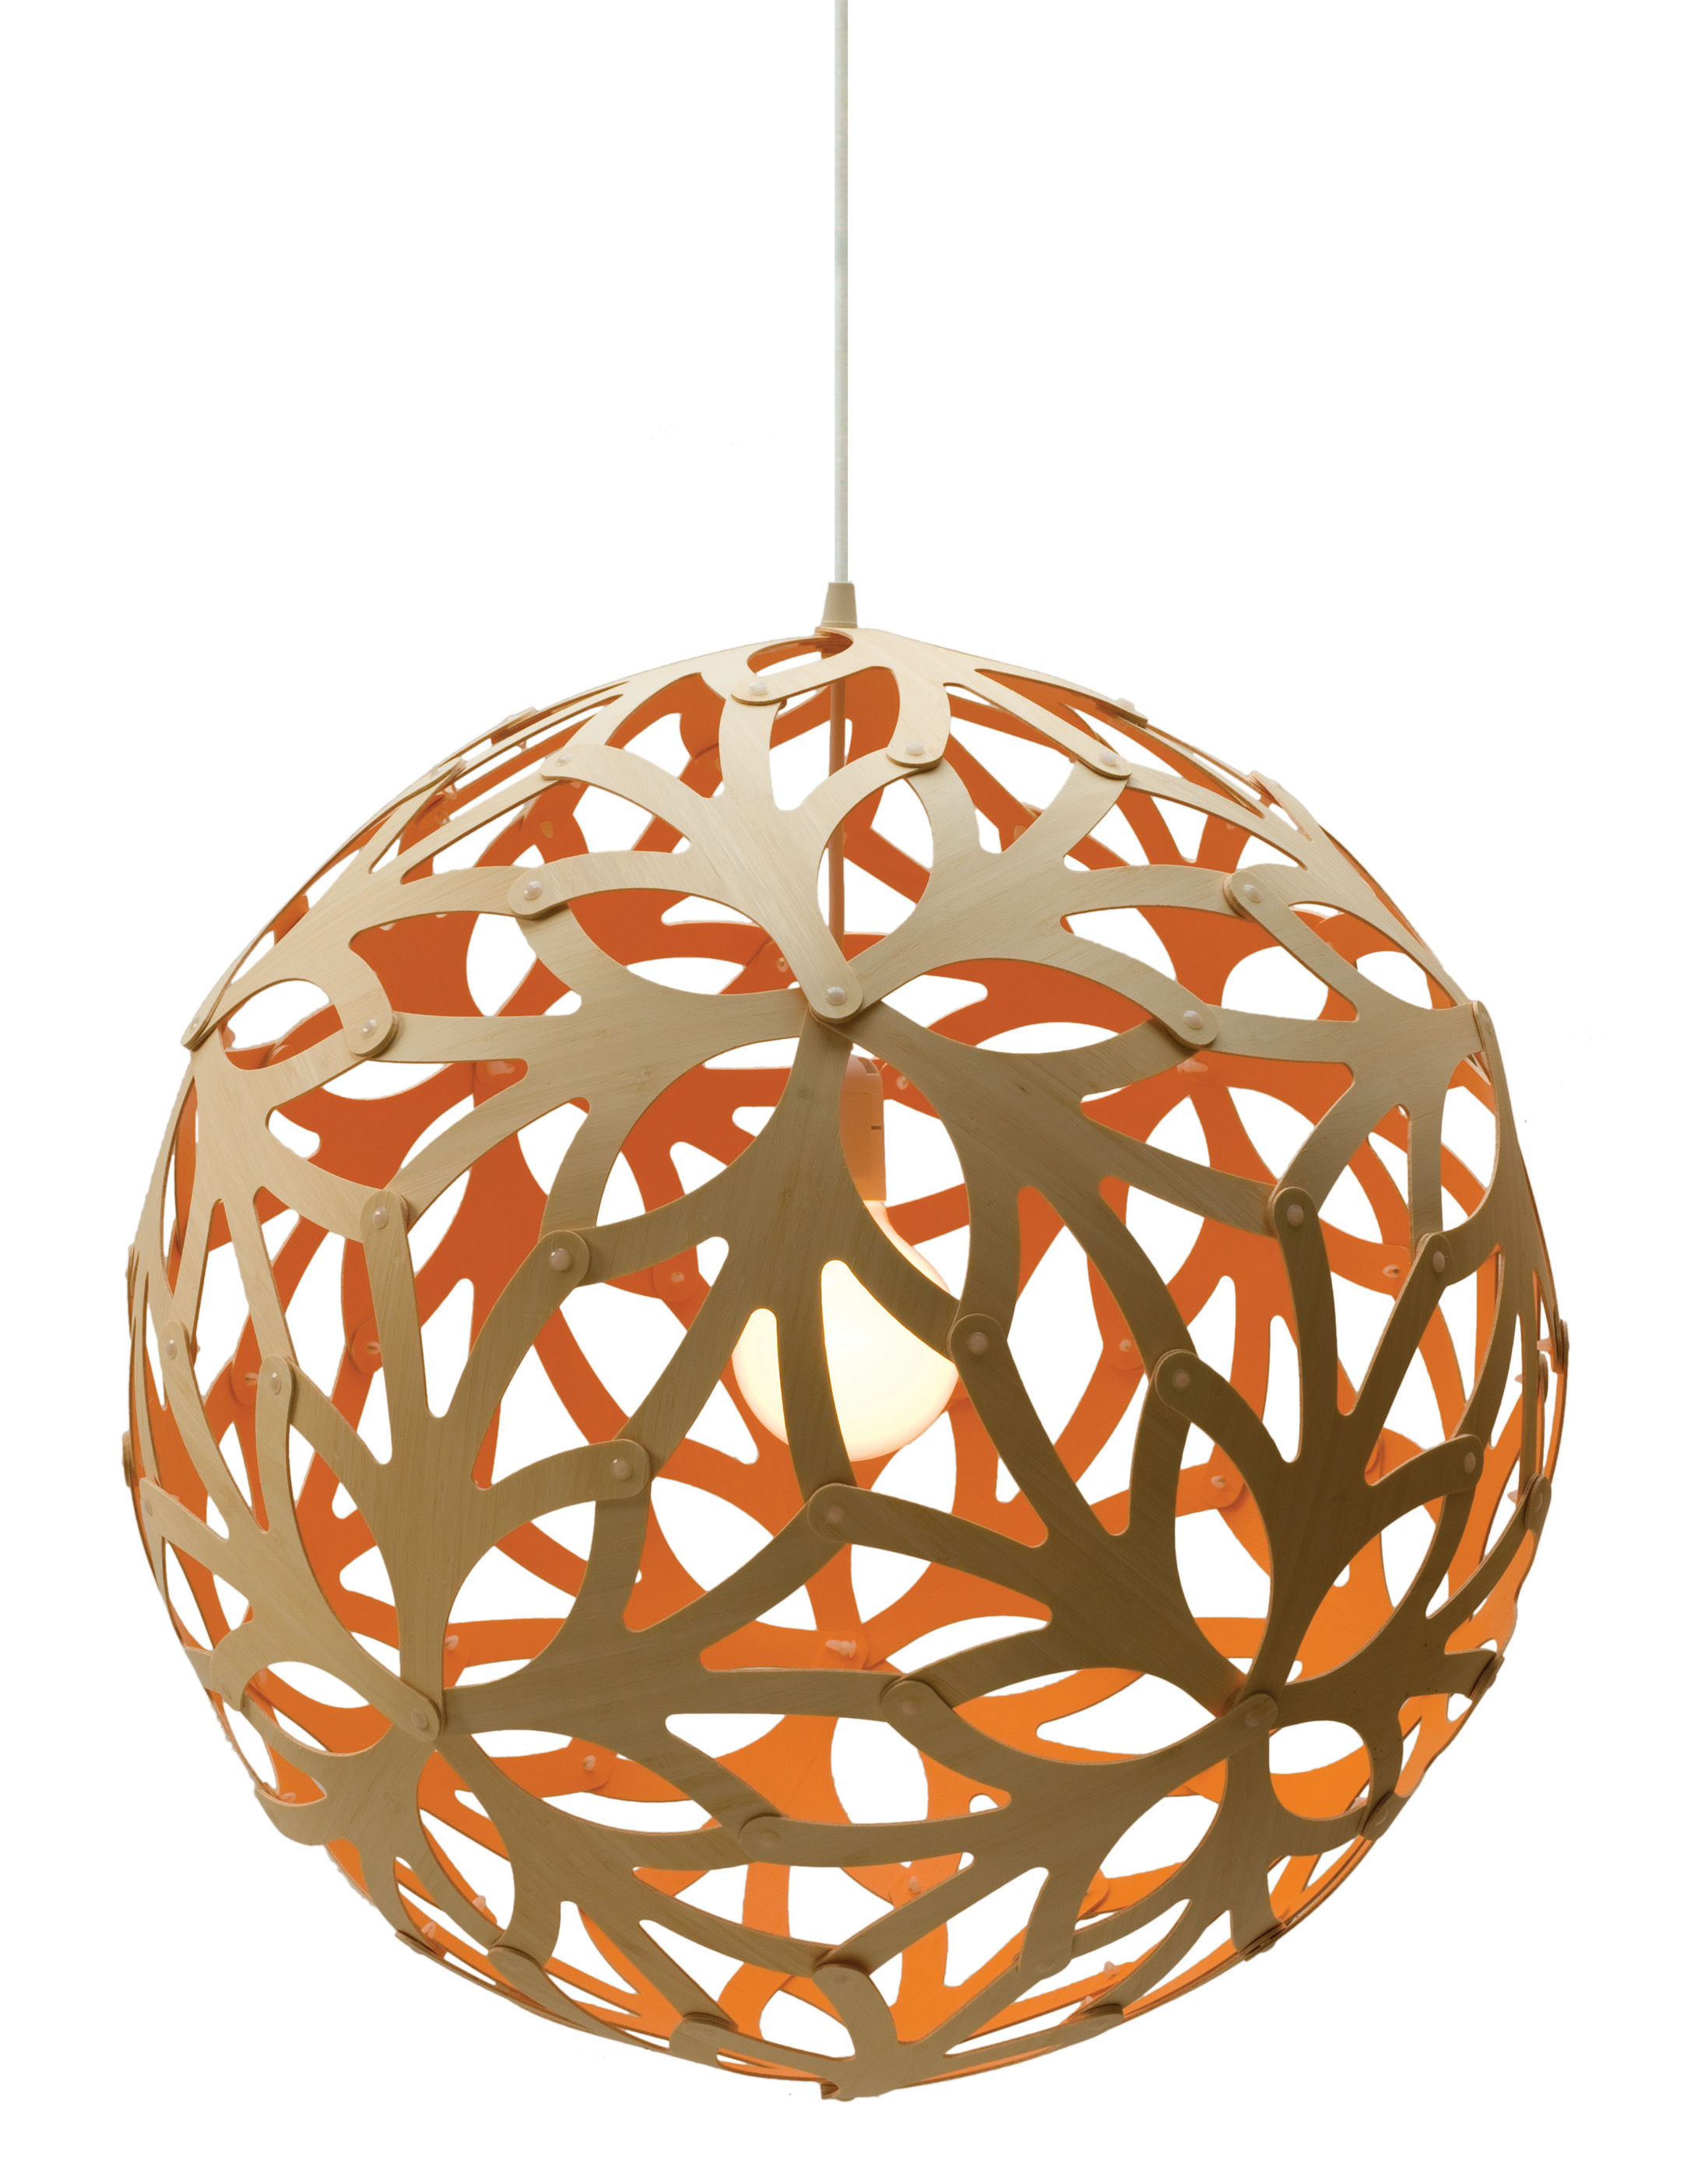 Illuminazione - Lampadari - Sospensione Floral - Ø 40 cm - Bicolore - Esclusiva di David Trubridge - Arancione/ legno naturale - Bambù